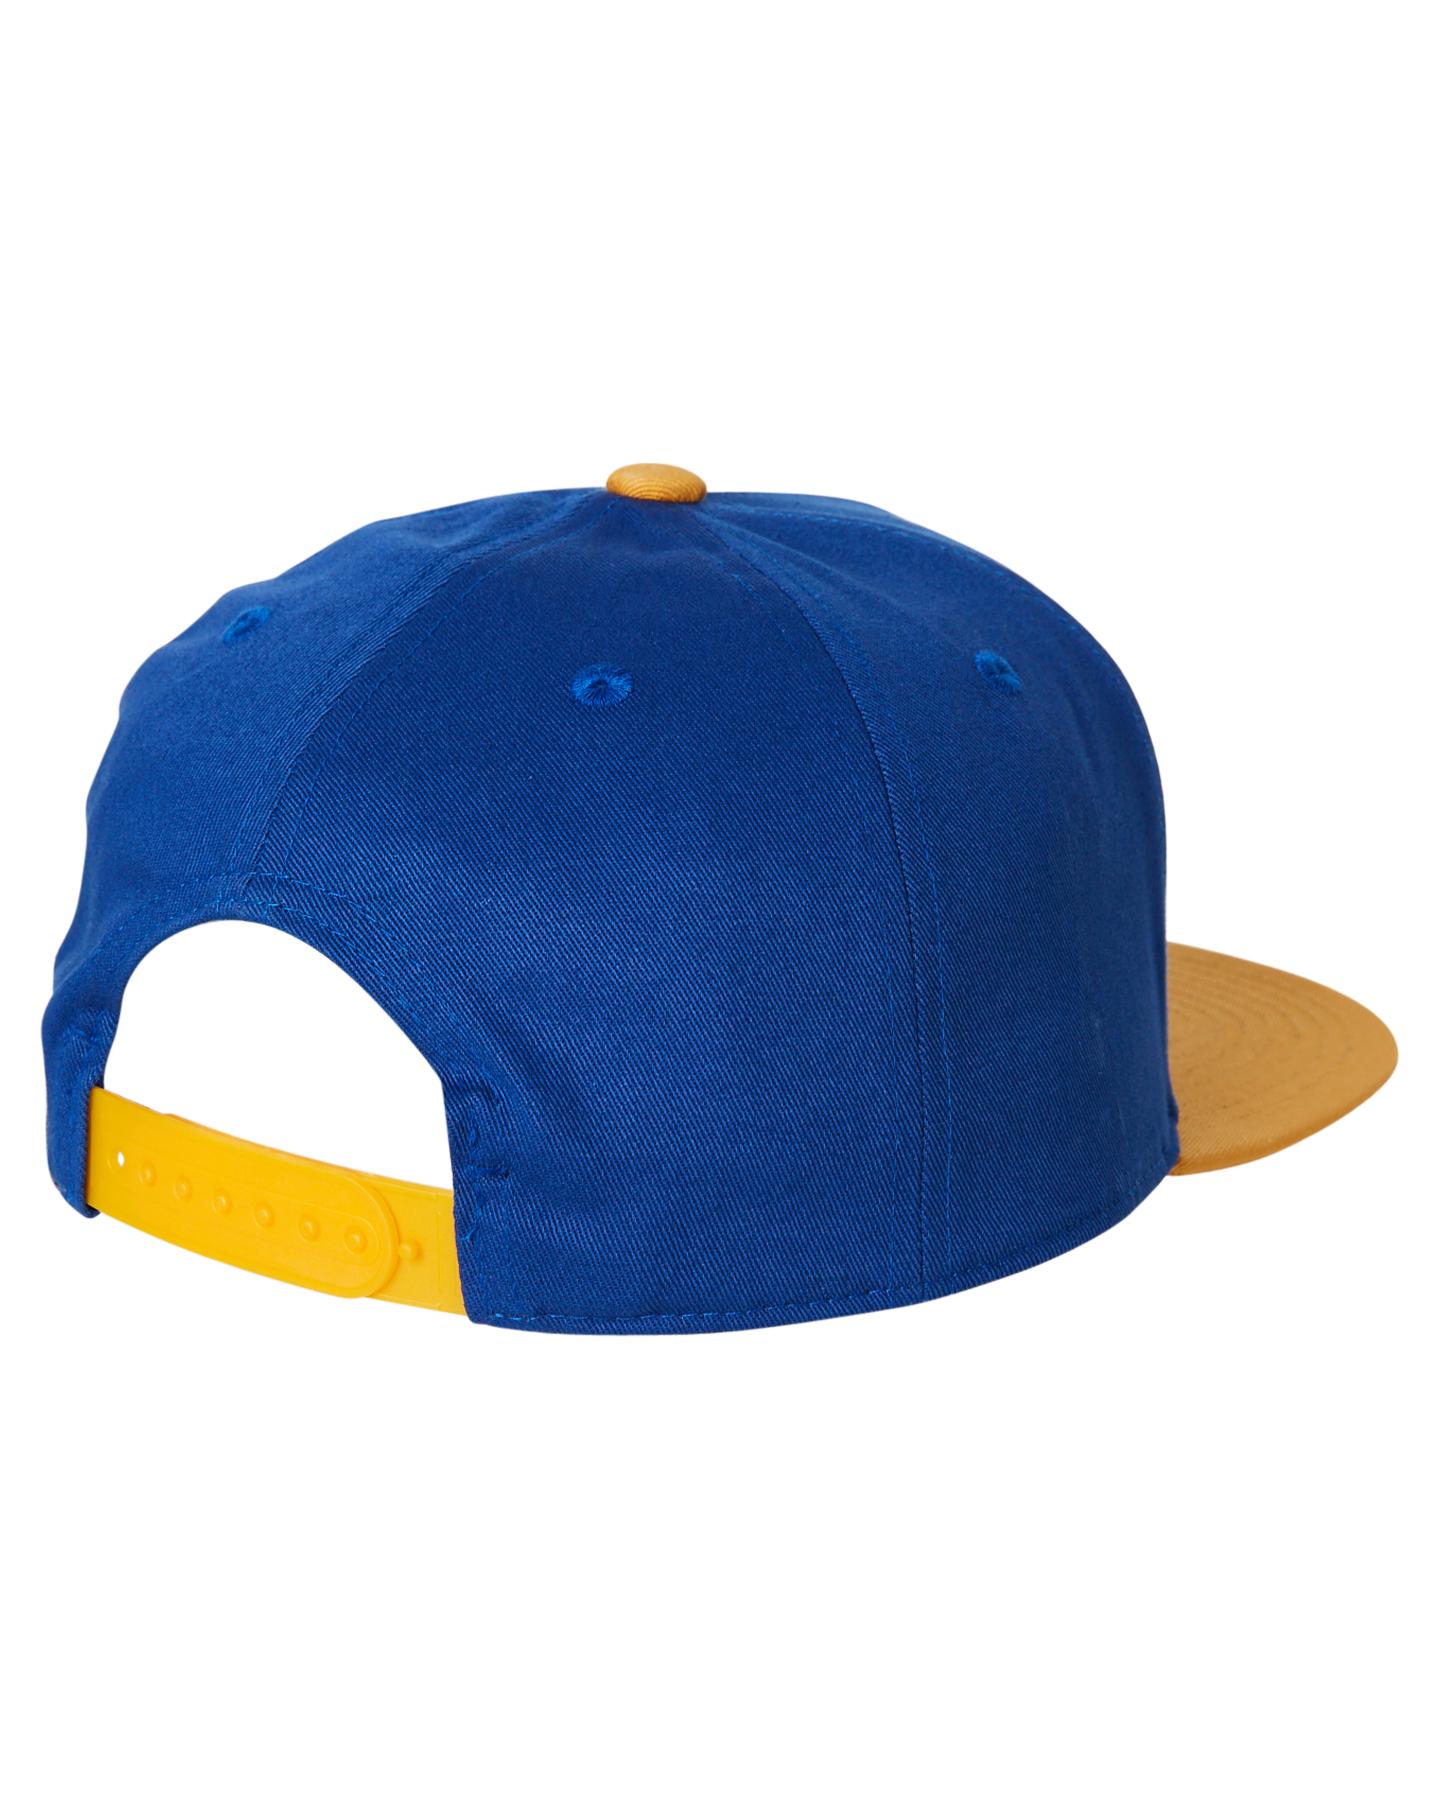 9de04ccf04f Adidas Men s 2 Tone Snapback Cap Cotton Mesh Blue 4059807917932